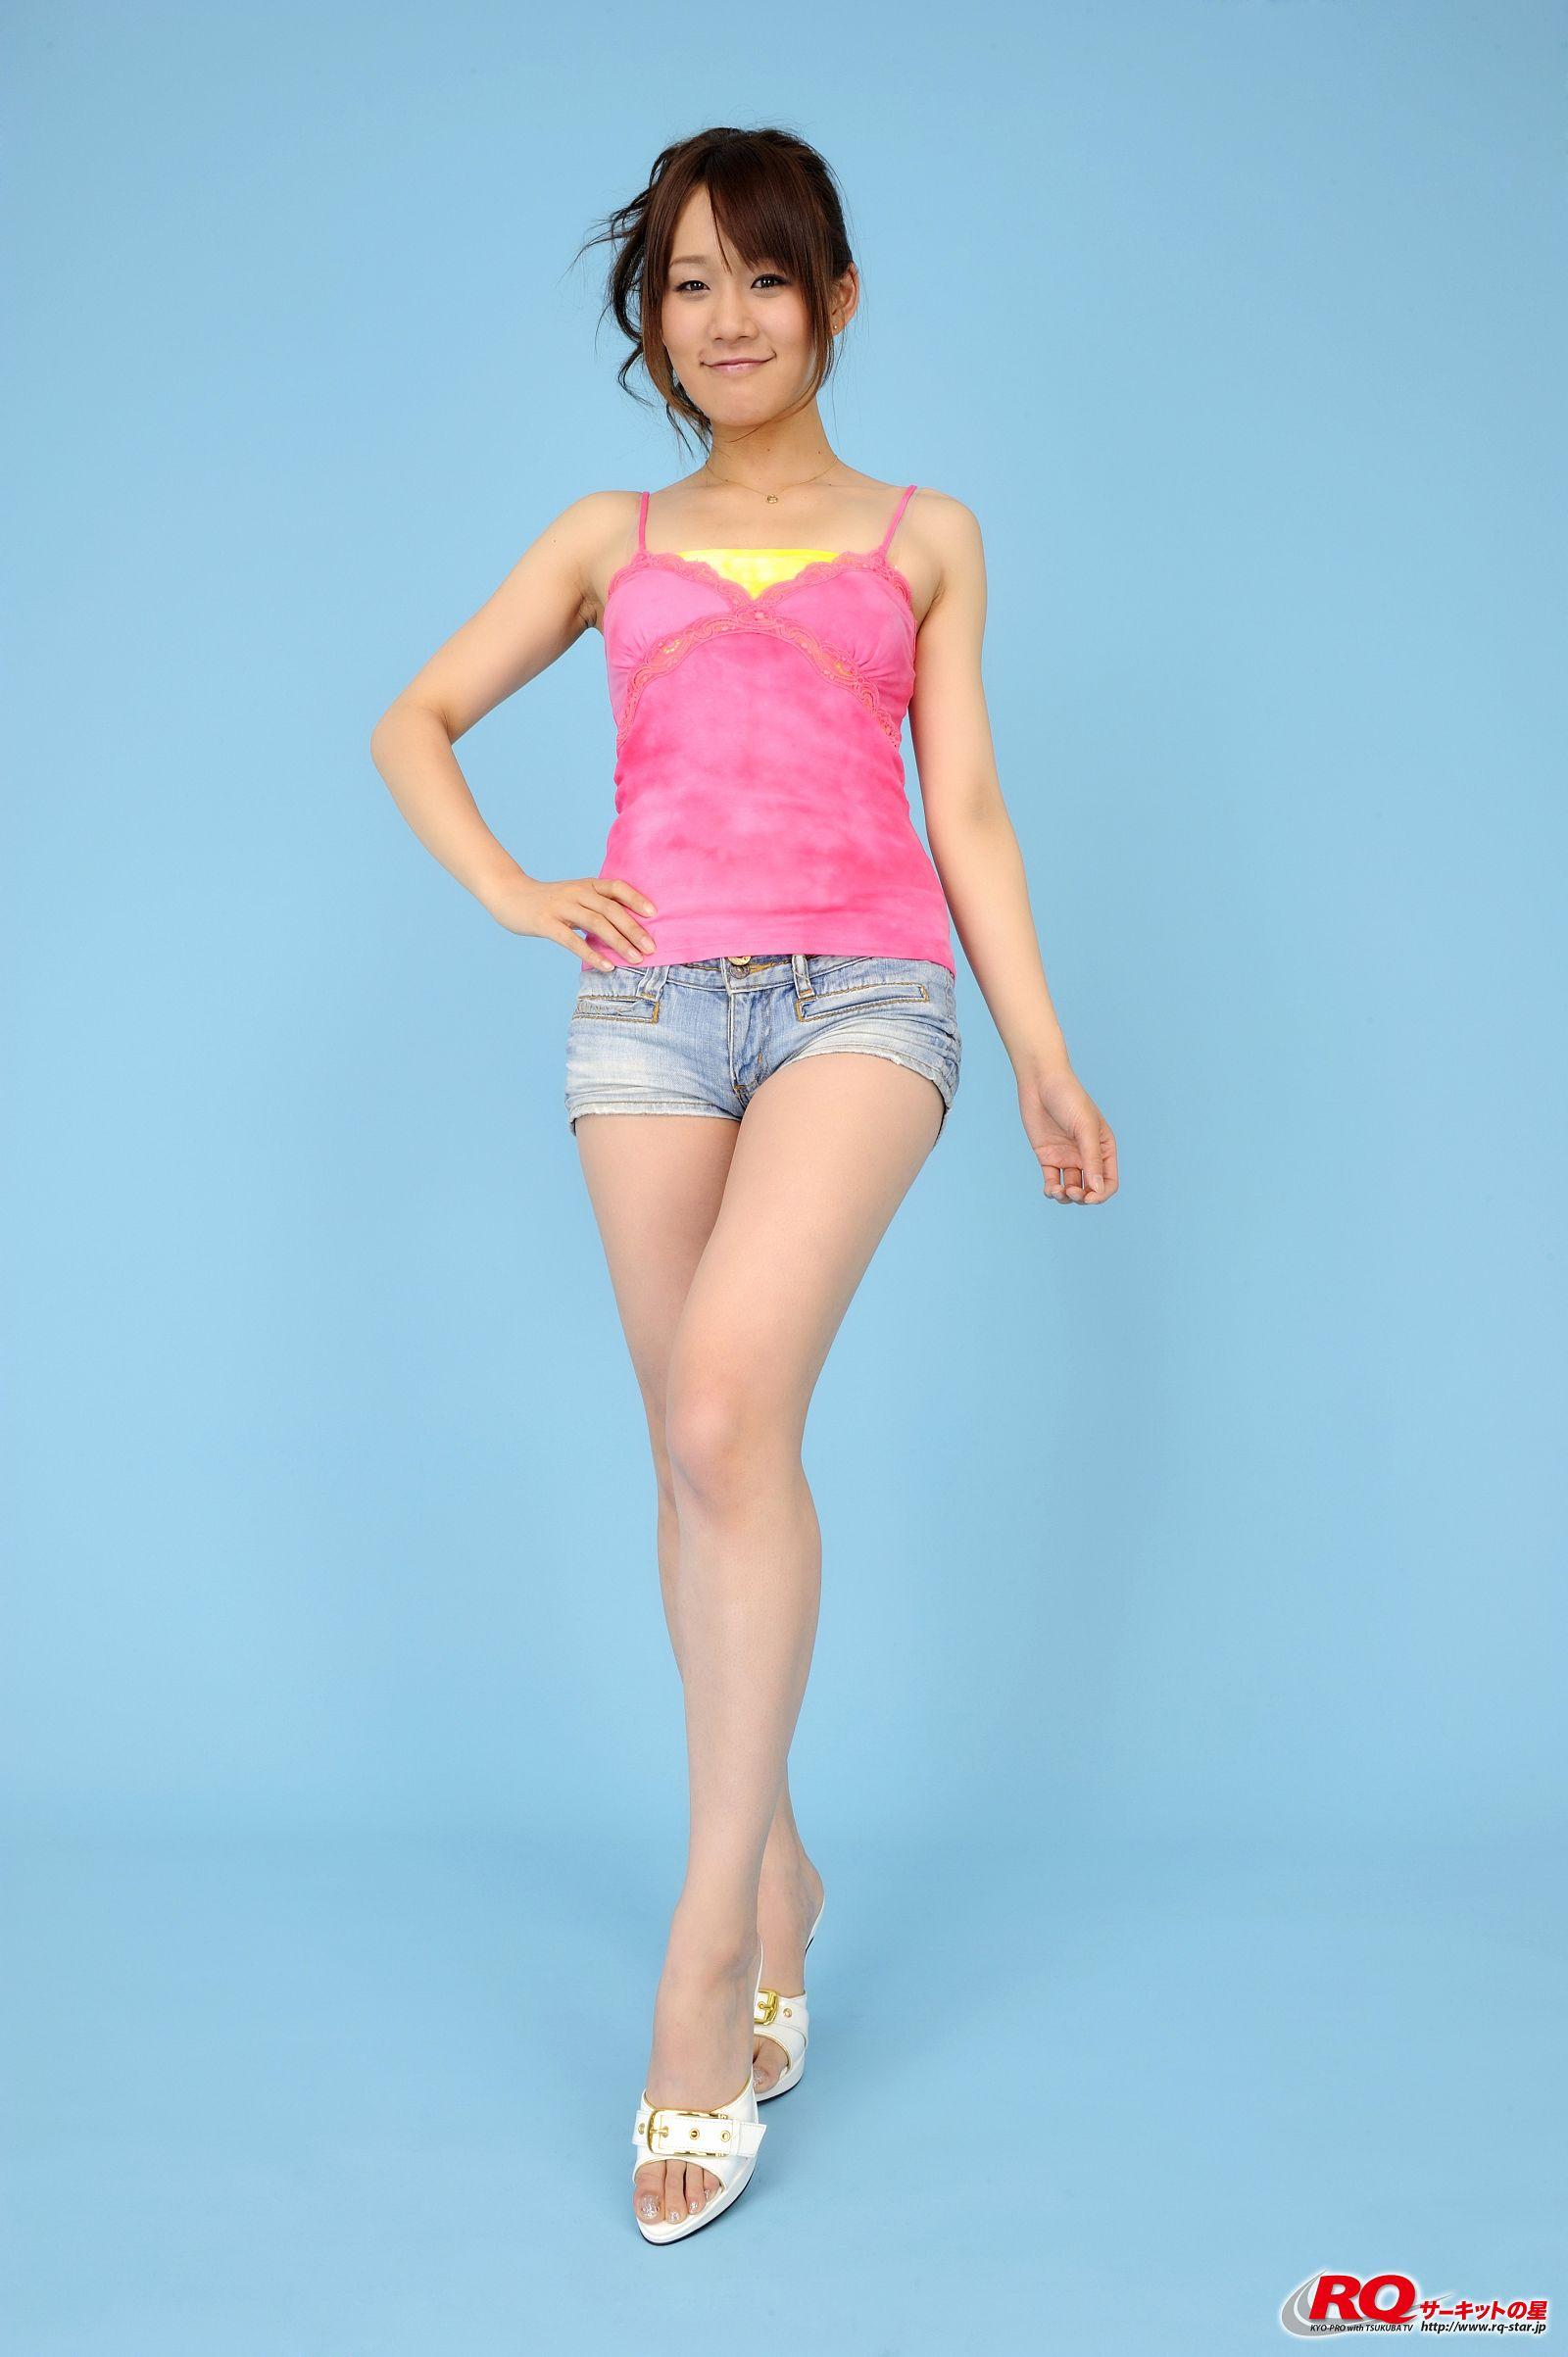 [RQ STAR美女] NO.00121 Reina Fuchiwaki 淵脇レイナ Private Dress[101P] RQ STAR 第2张